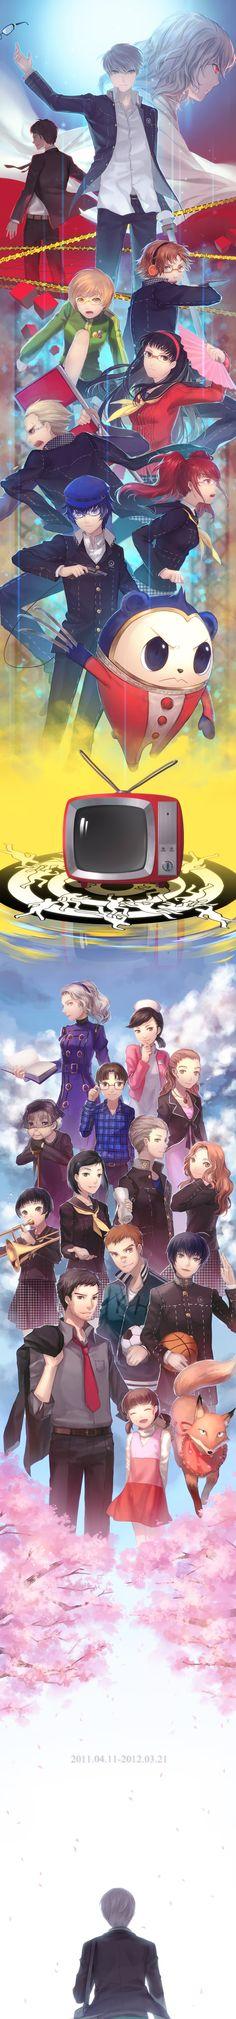 Persona 4, Yukiko Amagi...